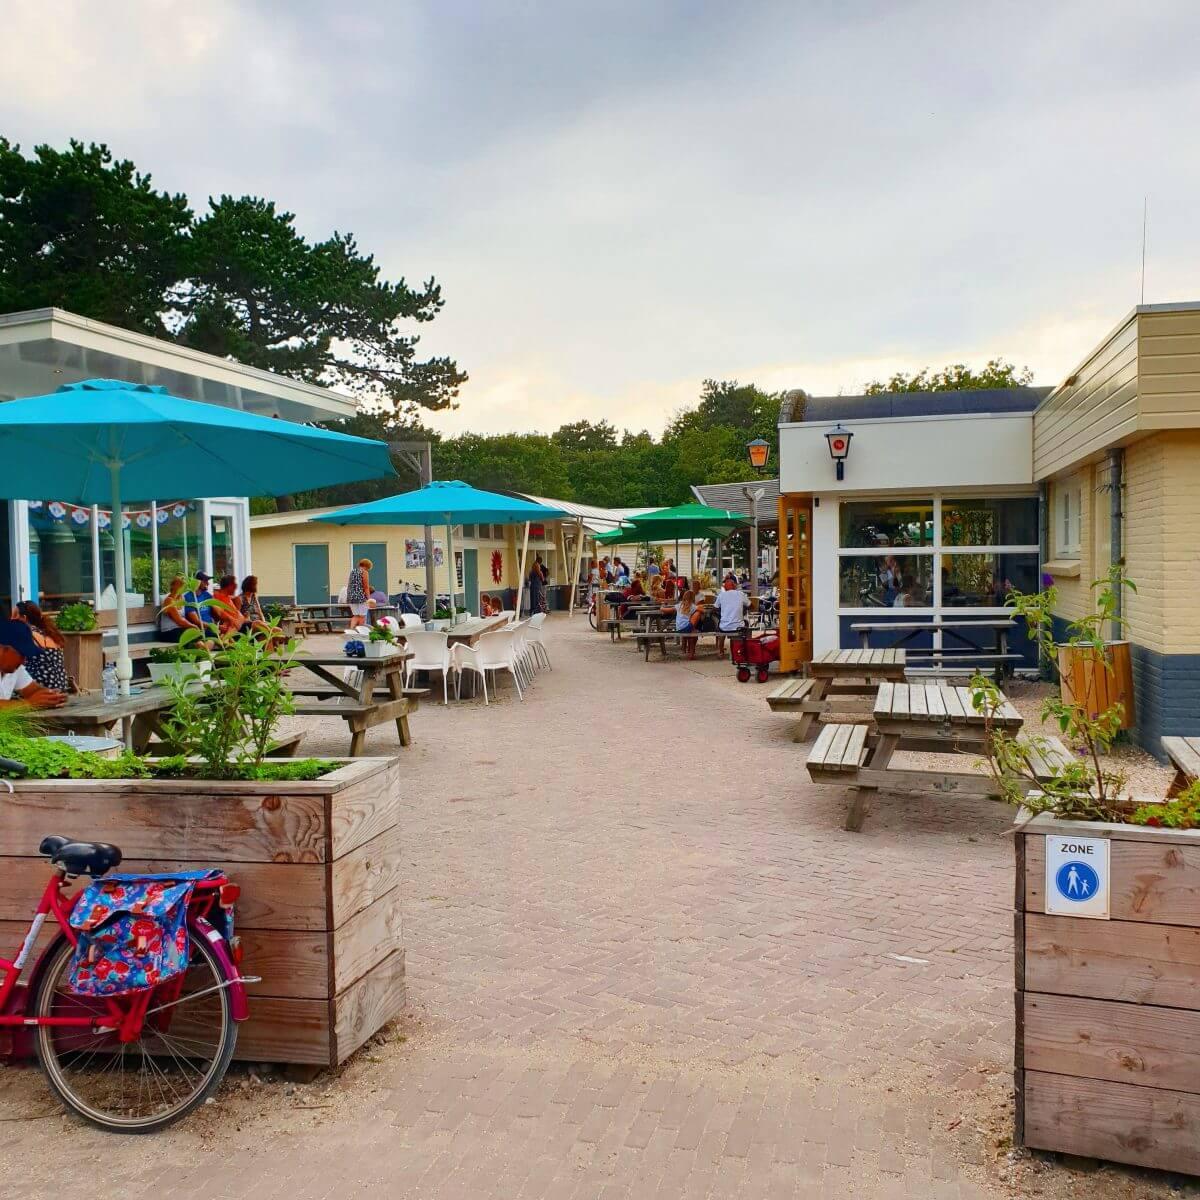 het dorpsplein van camping bakkum